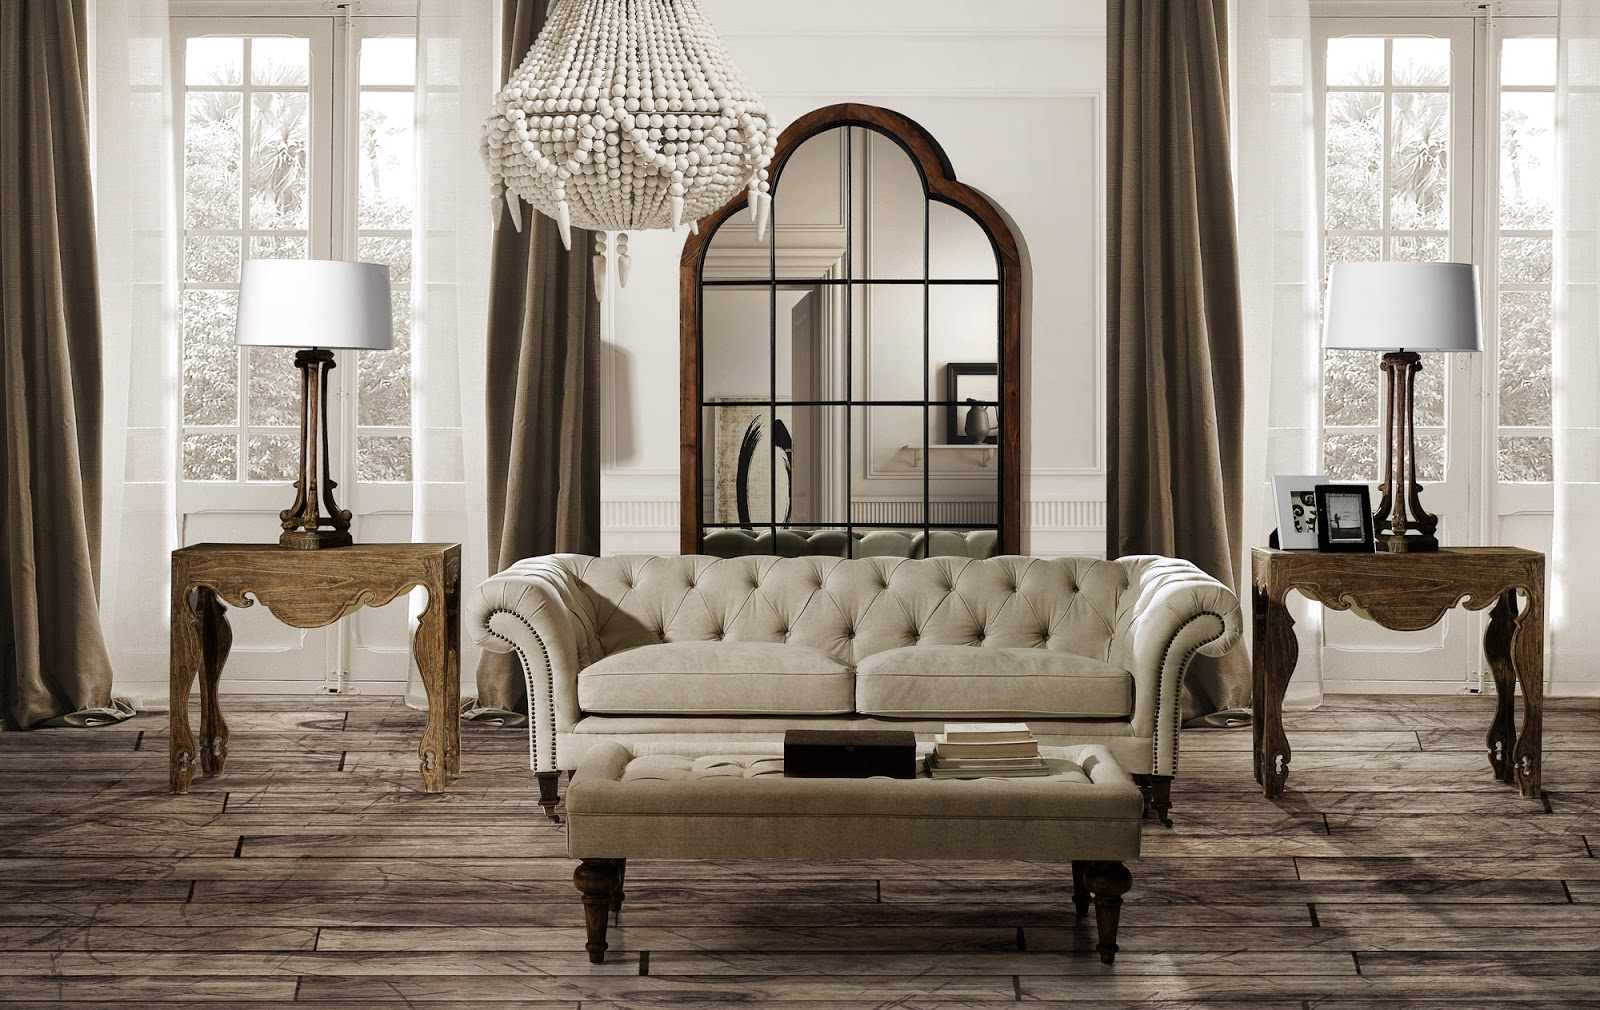 Muebles de estilo obtenga ideas dise o de muebles para - Muebles antiguos valencia ...